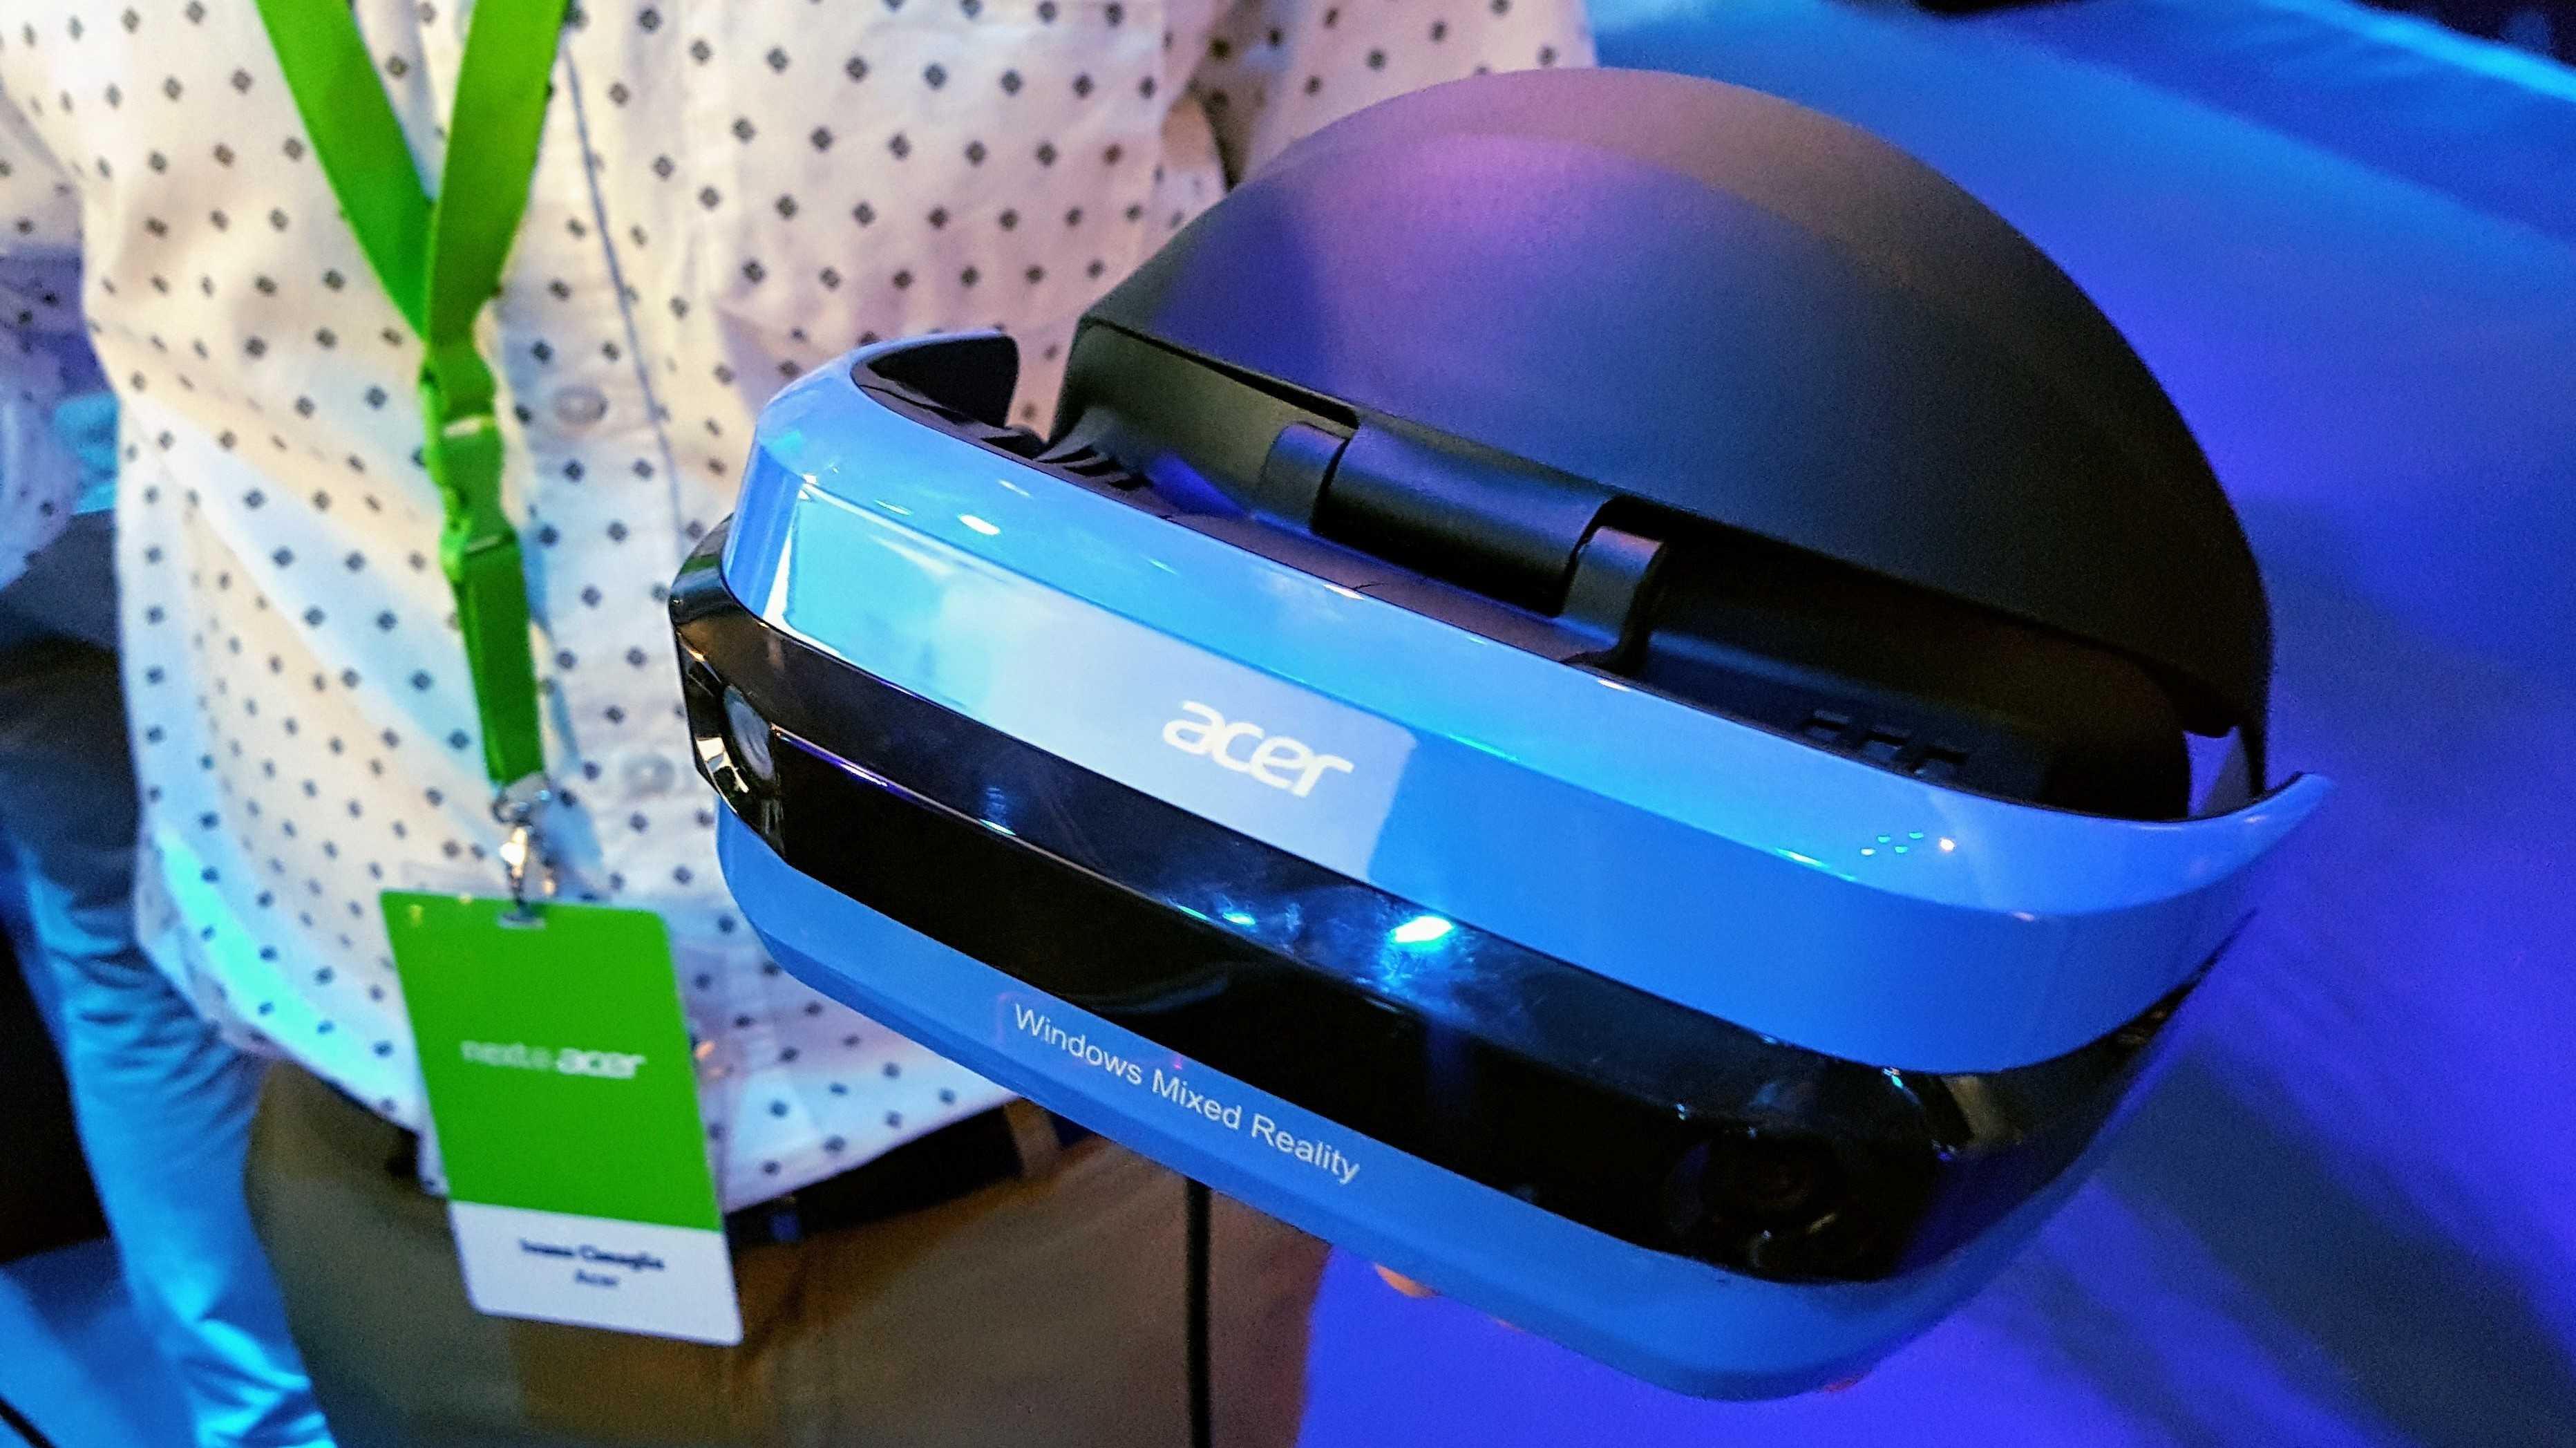 Windows-VR-Brillen angetestet: Viel besser als befürchtet